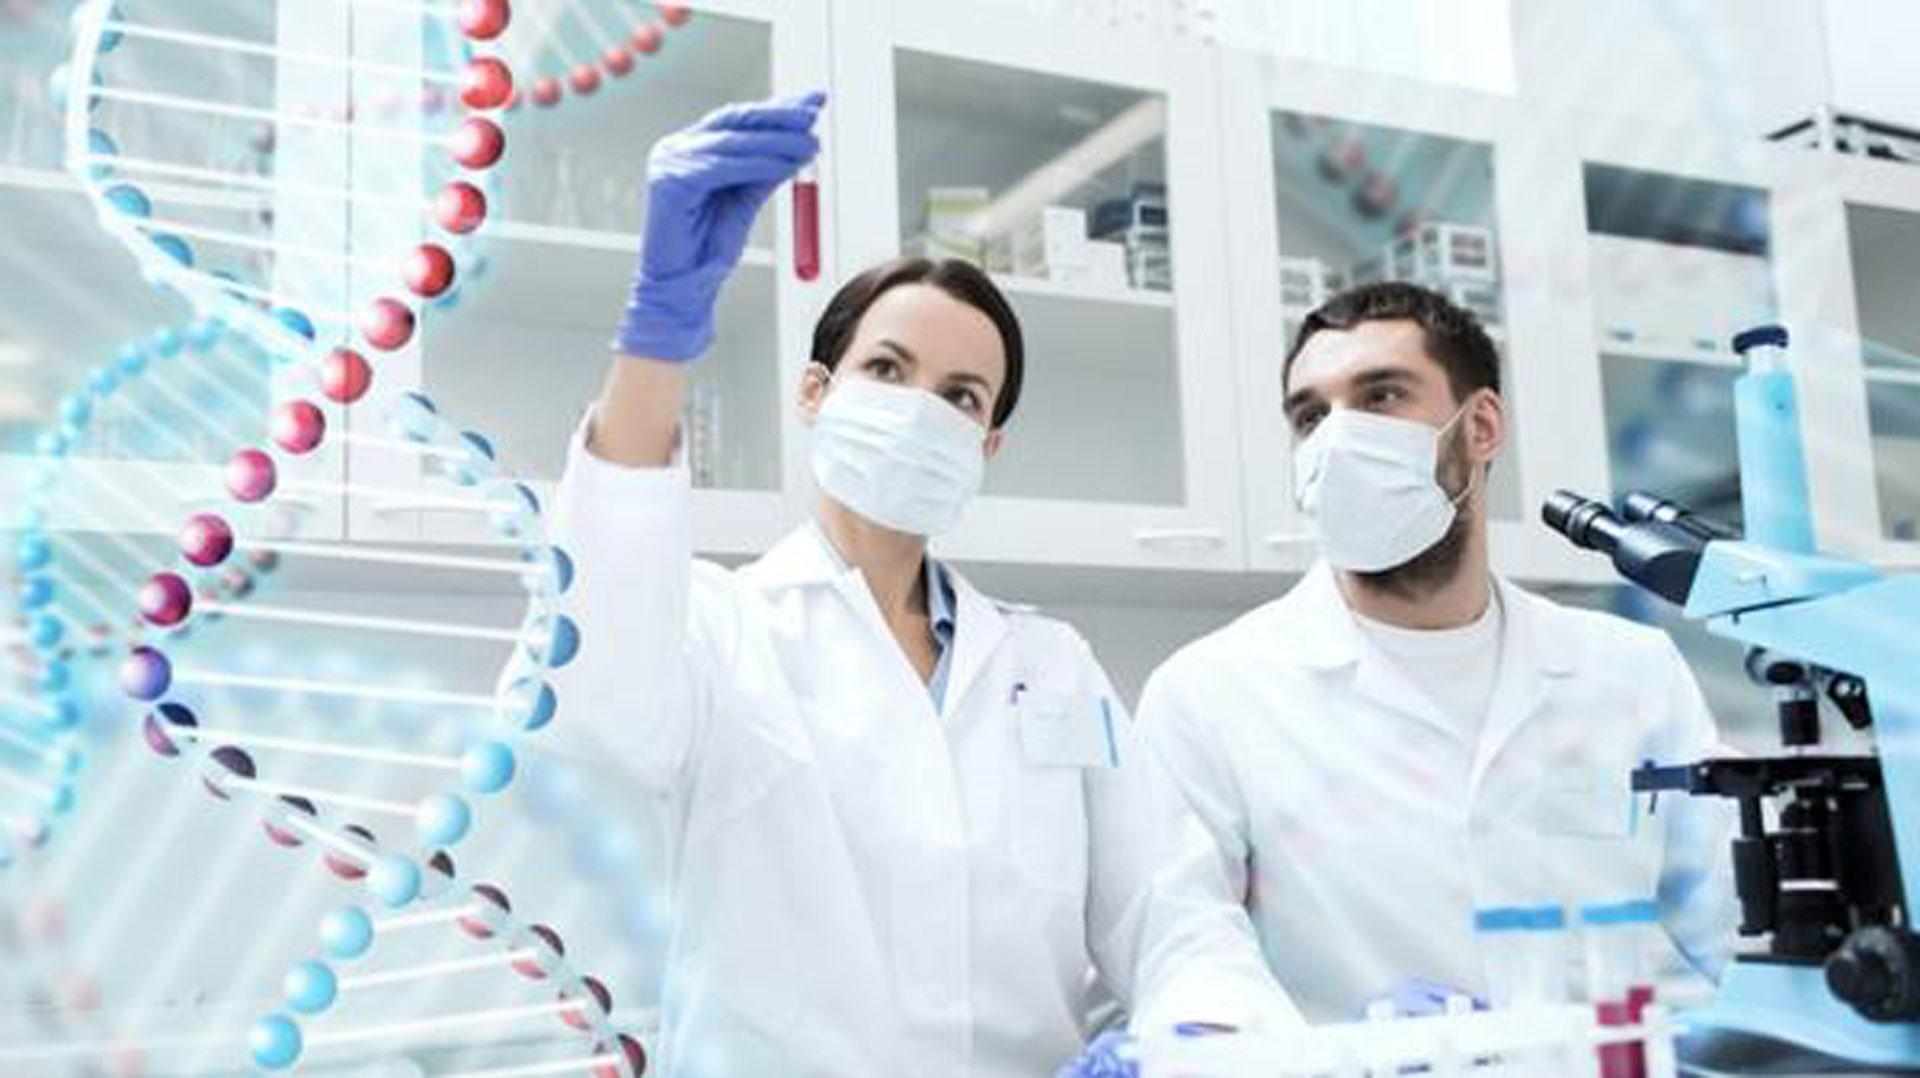 Los científicos tienen por objetivo continuar con la investigación y el desarrollo del descubrimiento para que este hallazgo pueda ser aplicado a gran escala (iStock)